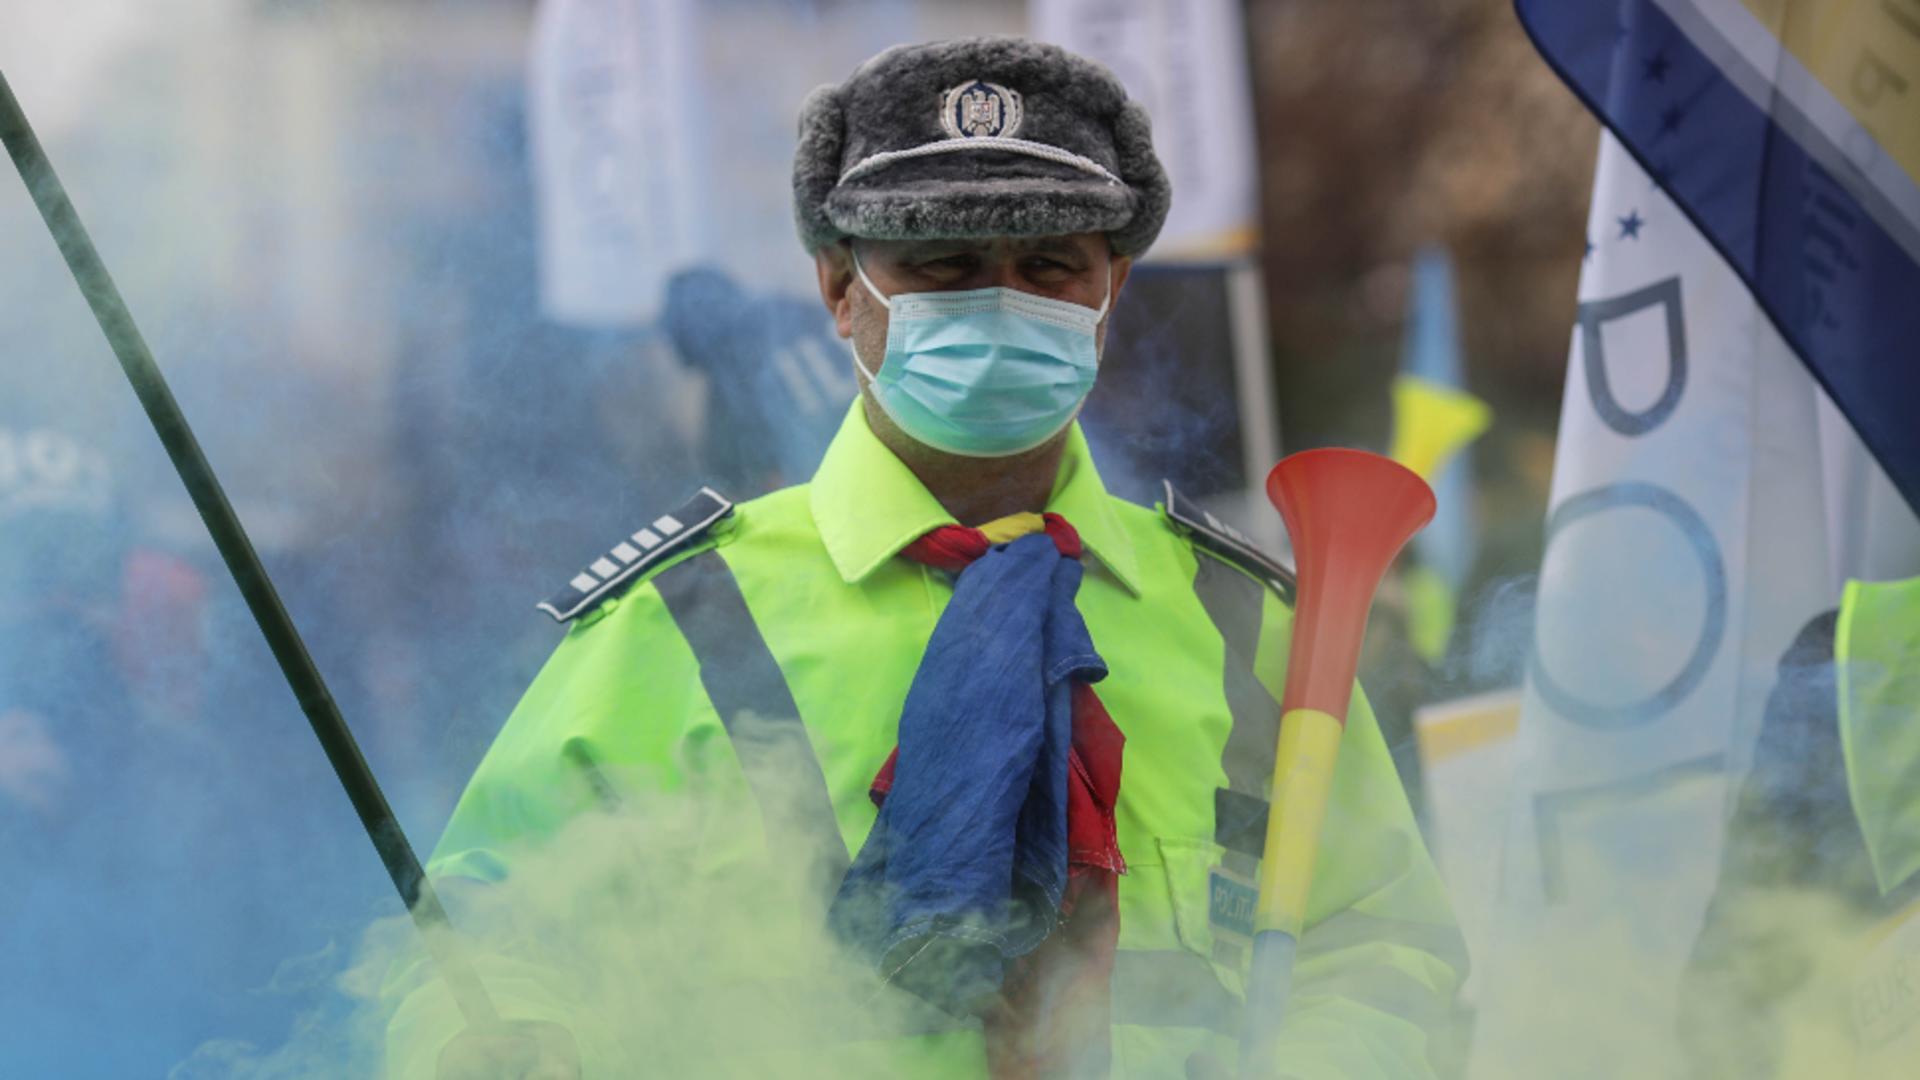 Protest polițiști / Foto: Inquam Photos